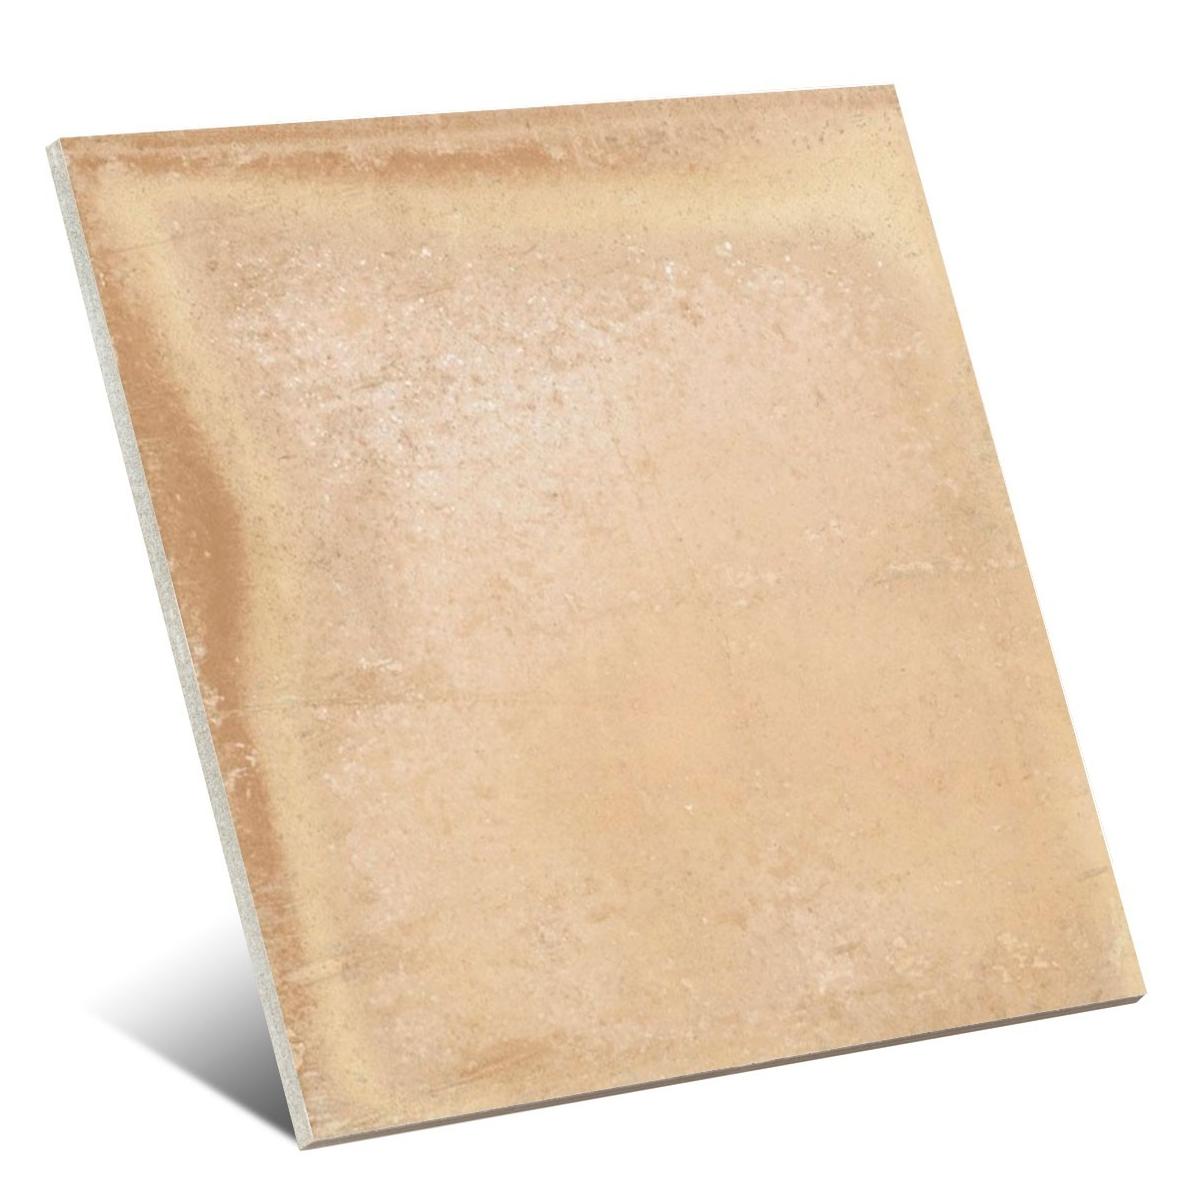 Rustic Crema - Colección Rustic de Gaya Fores - Marca Gaya Fores S.L.